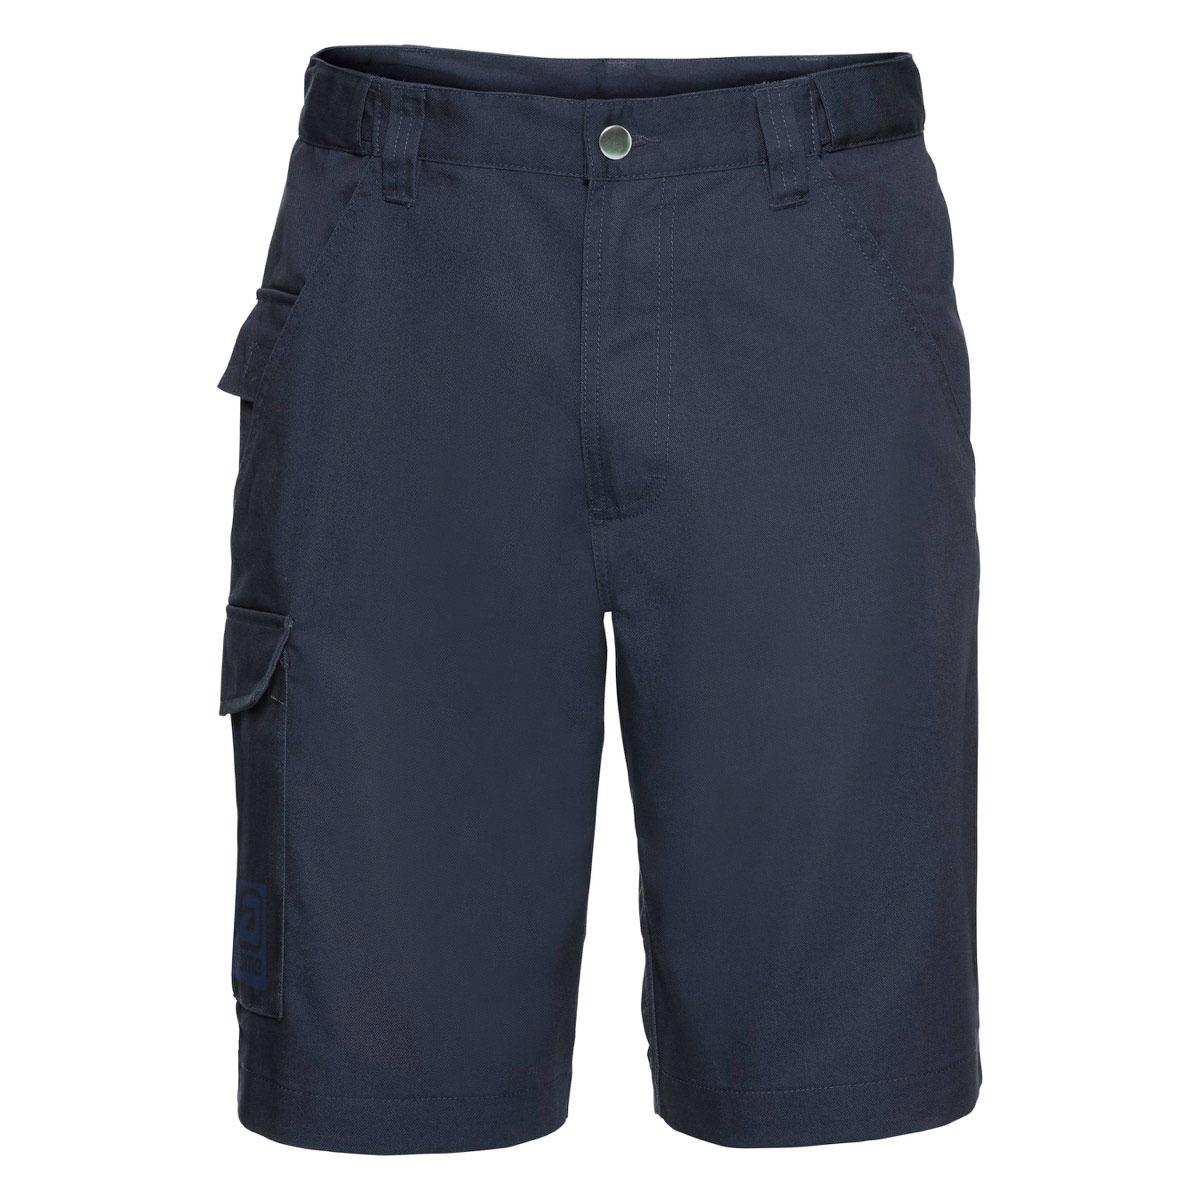 iame pants shorts